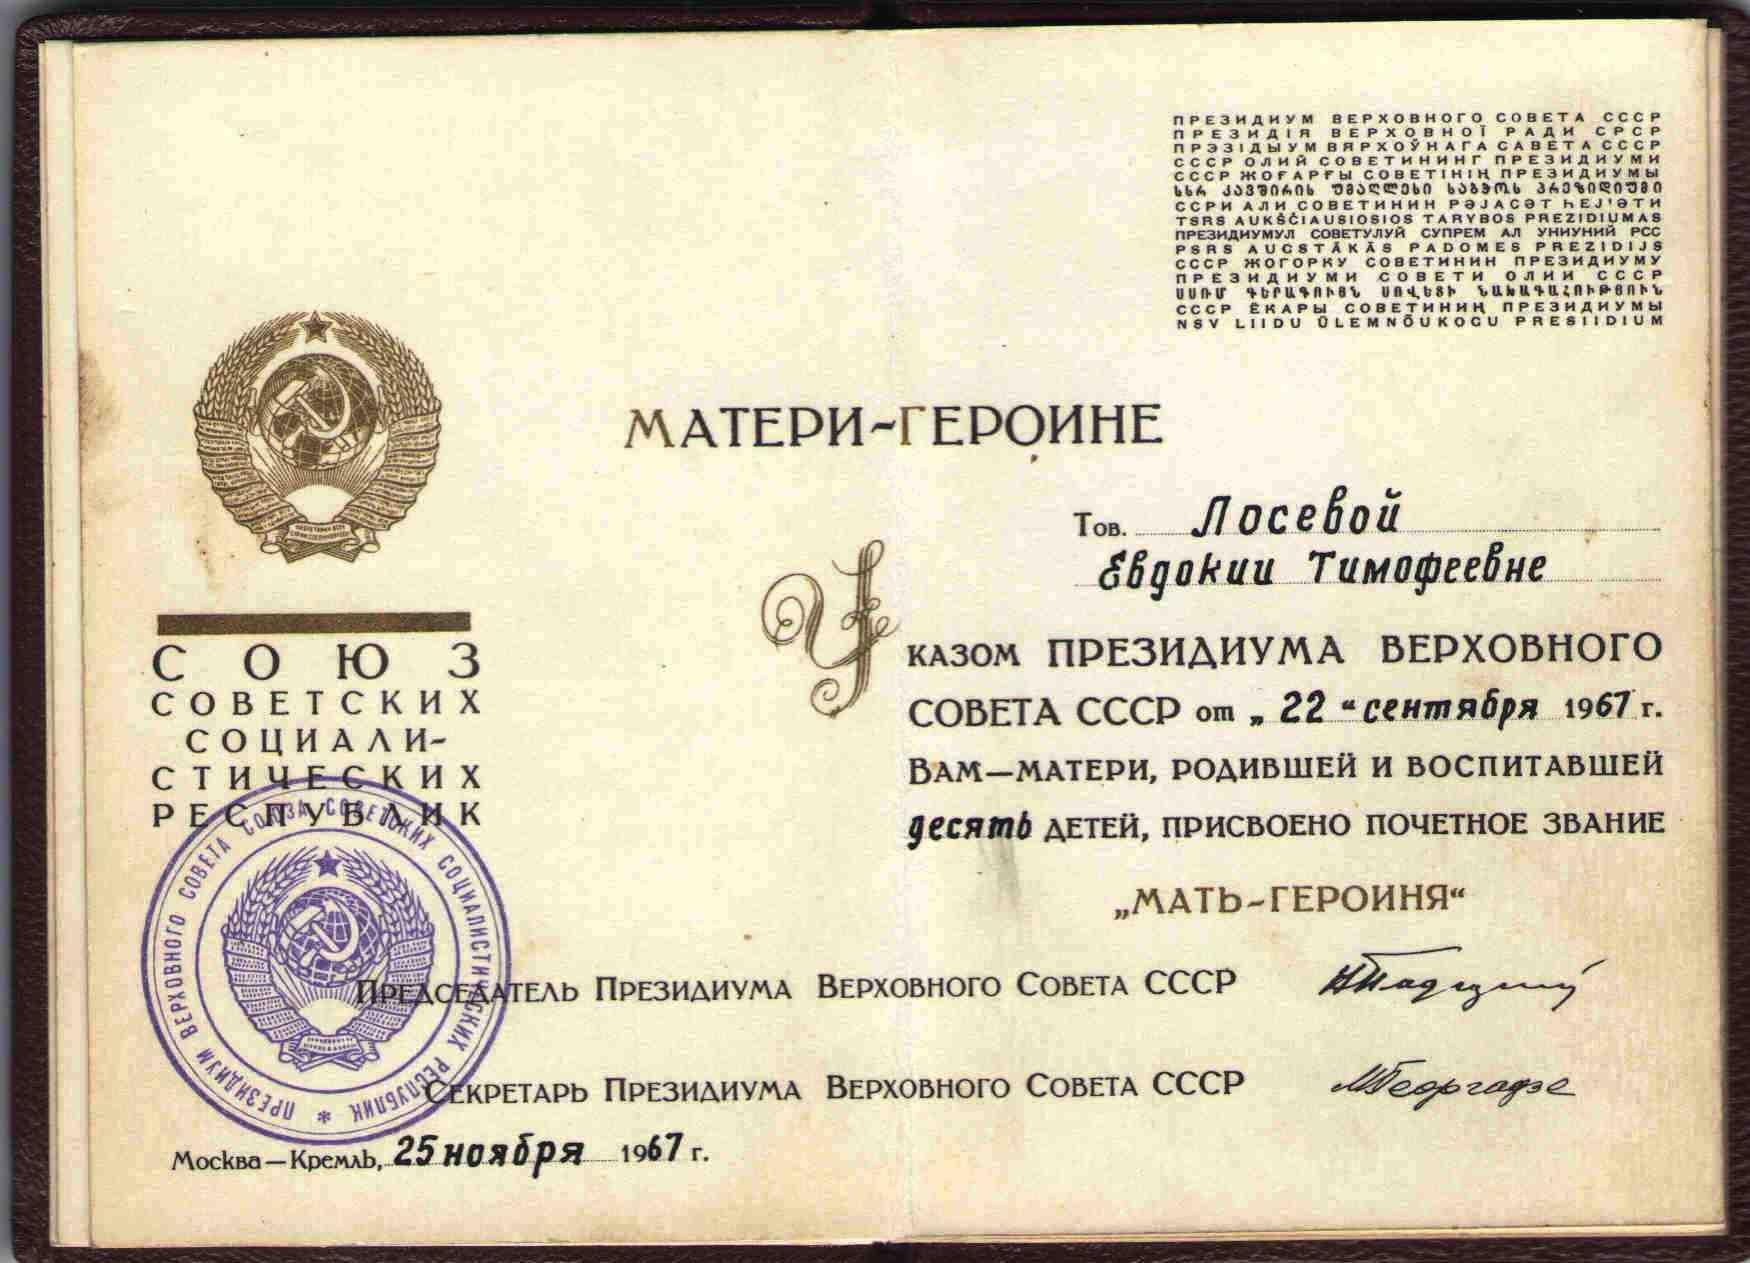 53. Удостоверение Мать Героиня, 1967